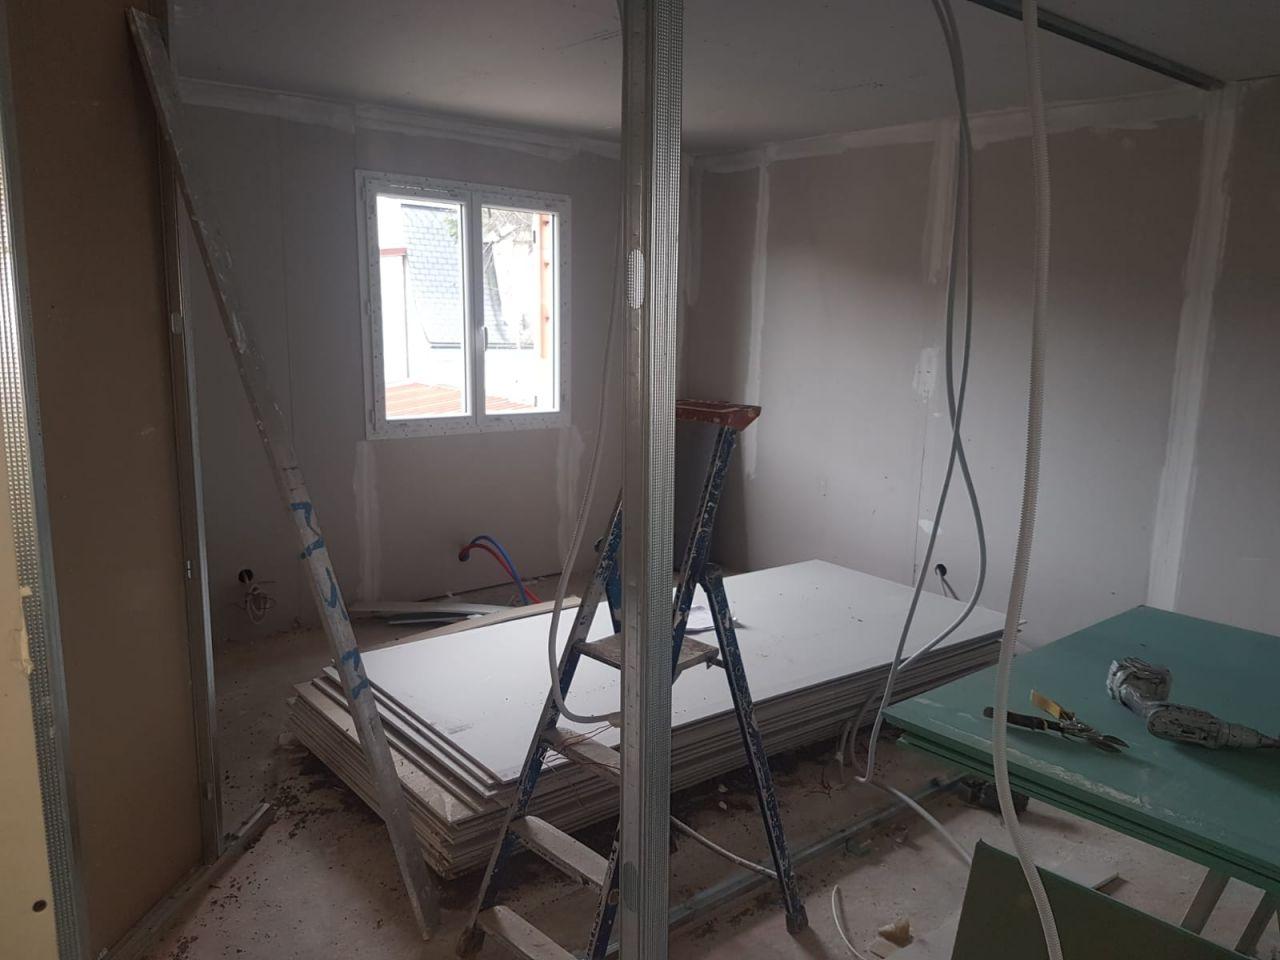 Pause de placo pour séparation des pièces de l'étage